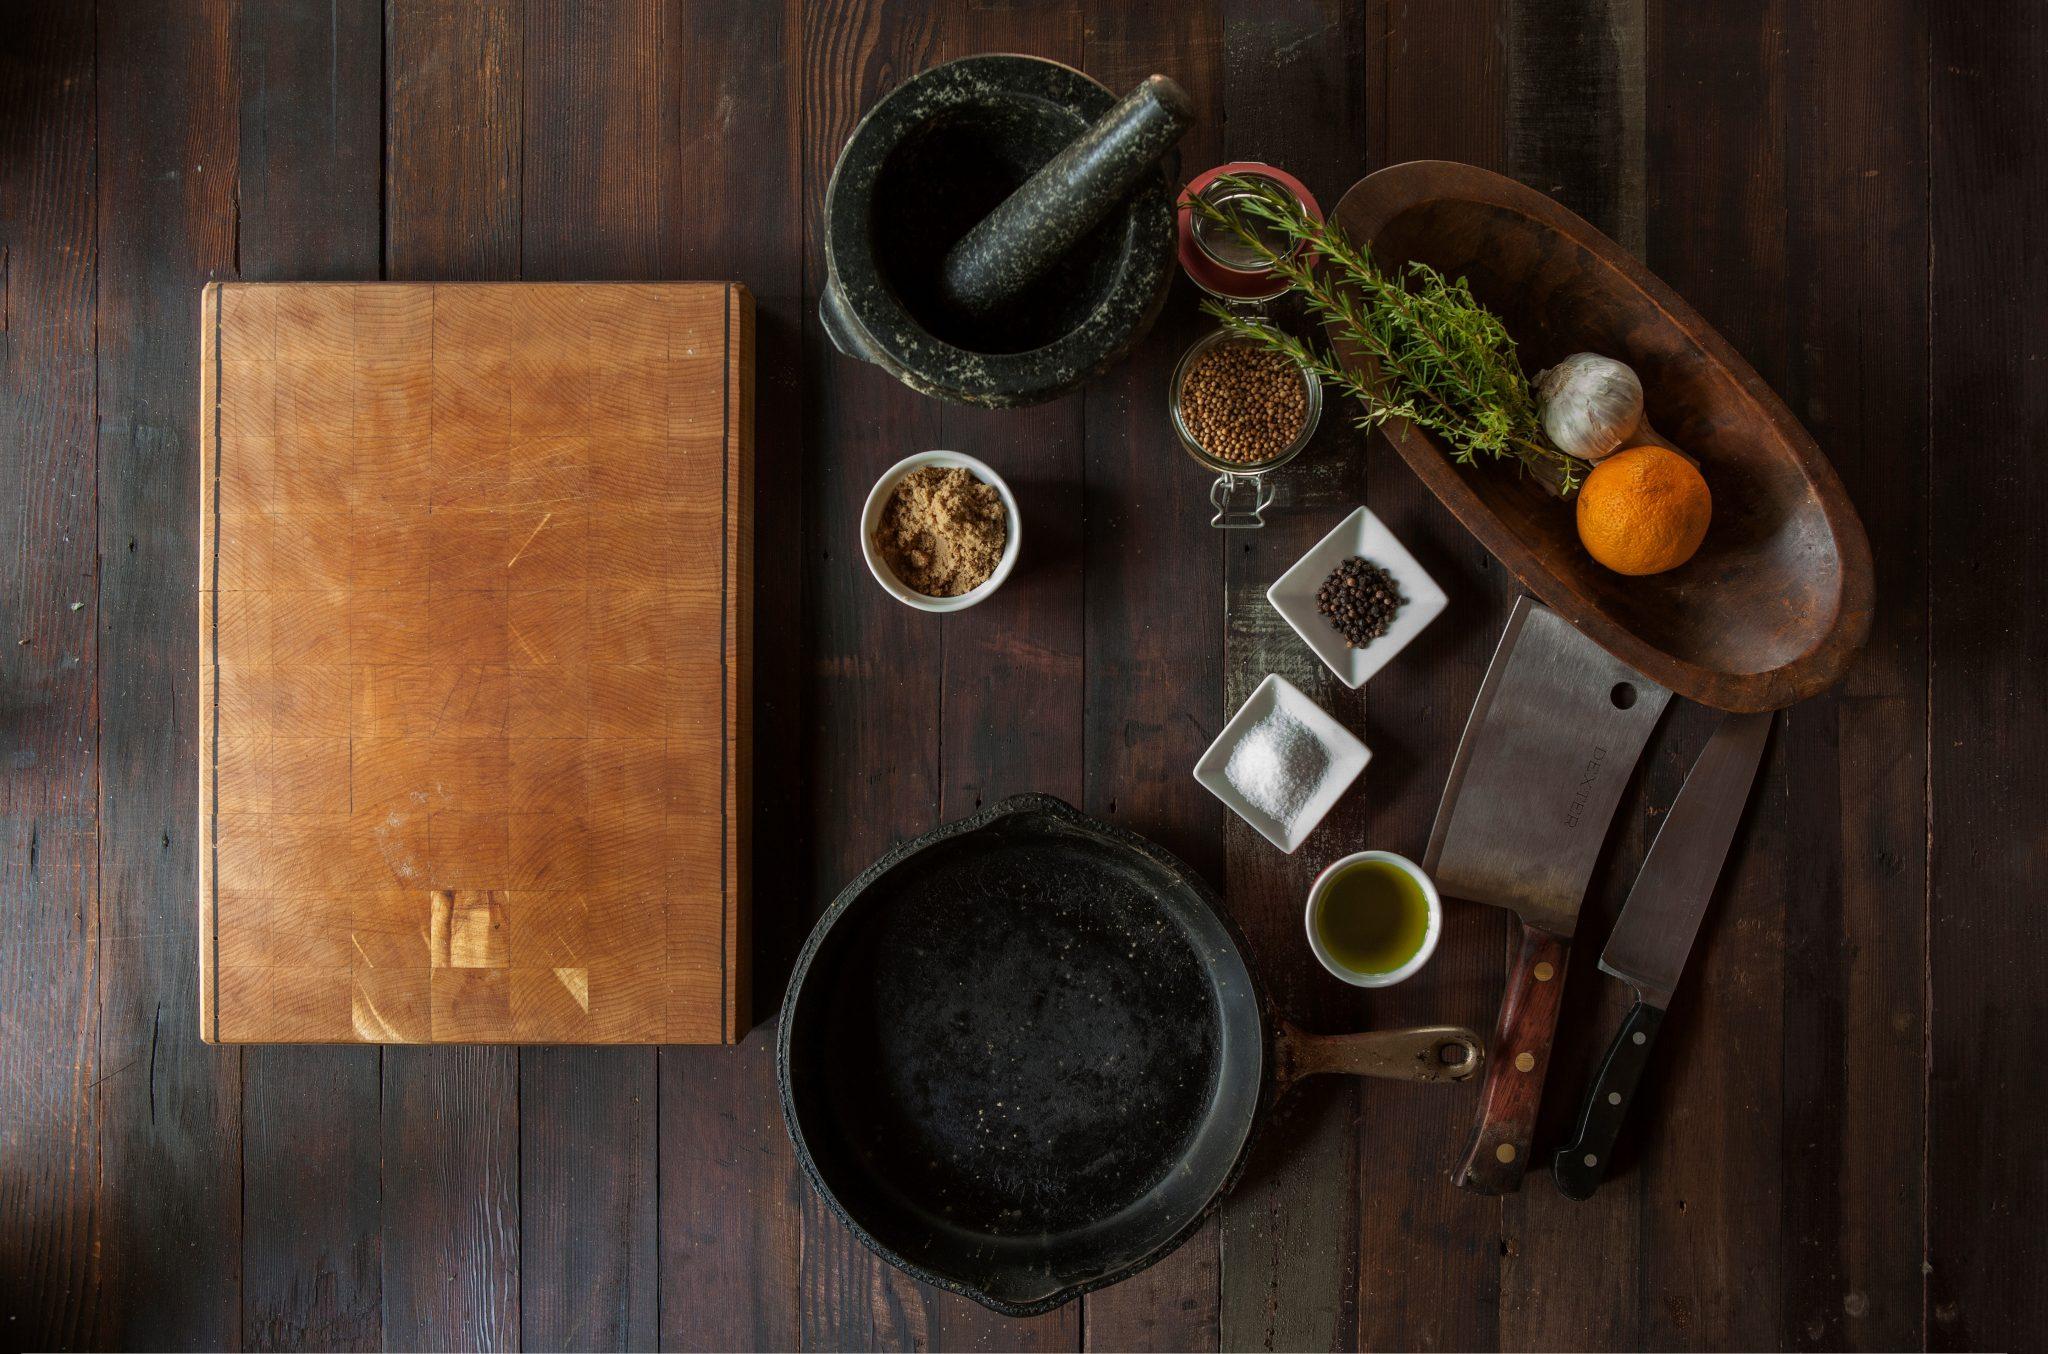 ev hanımları için yemek tarifi yapmak hiç bu kadar kolay olmamıştı